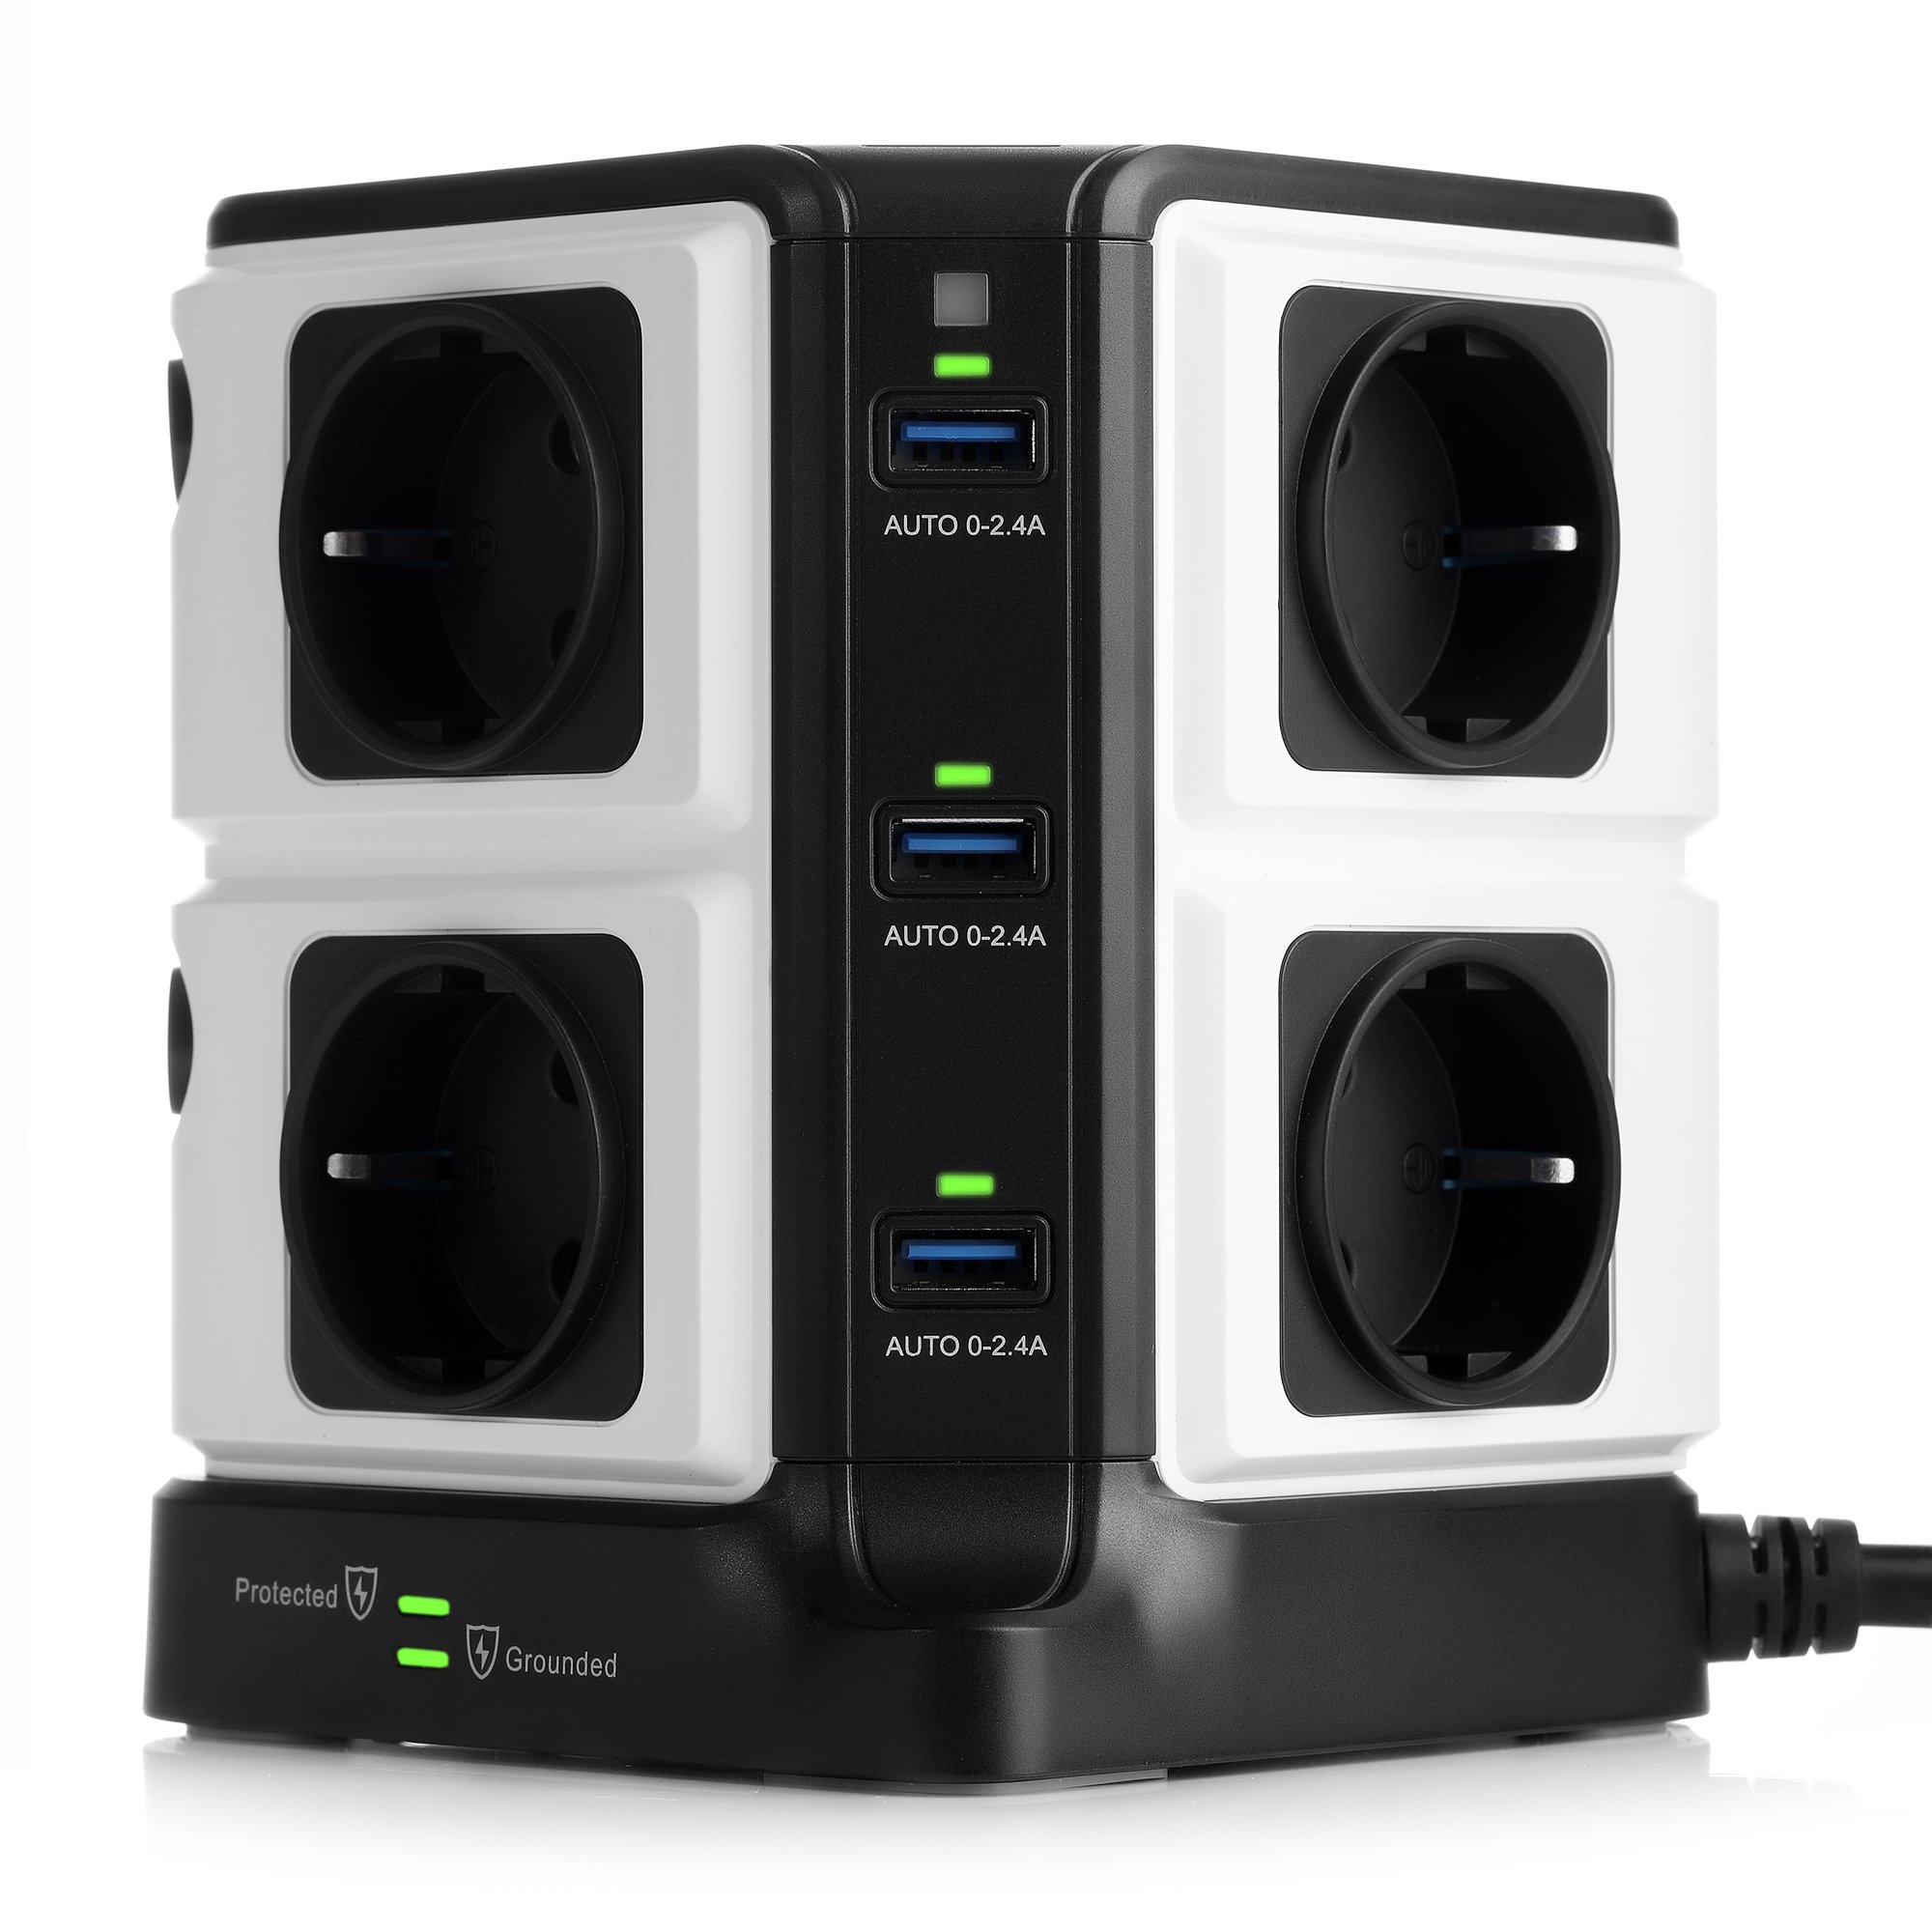 BESTEK Regleta Enchufe Vertical de 8 Tomas y 6 Puertos de USB, Regleta de 1500J Surge Protección, Regleta de 3600W/16A product image